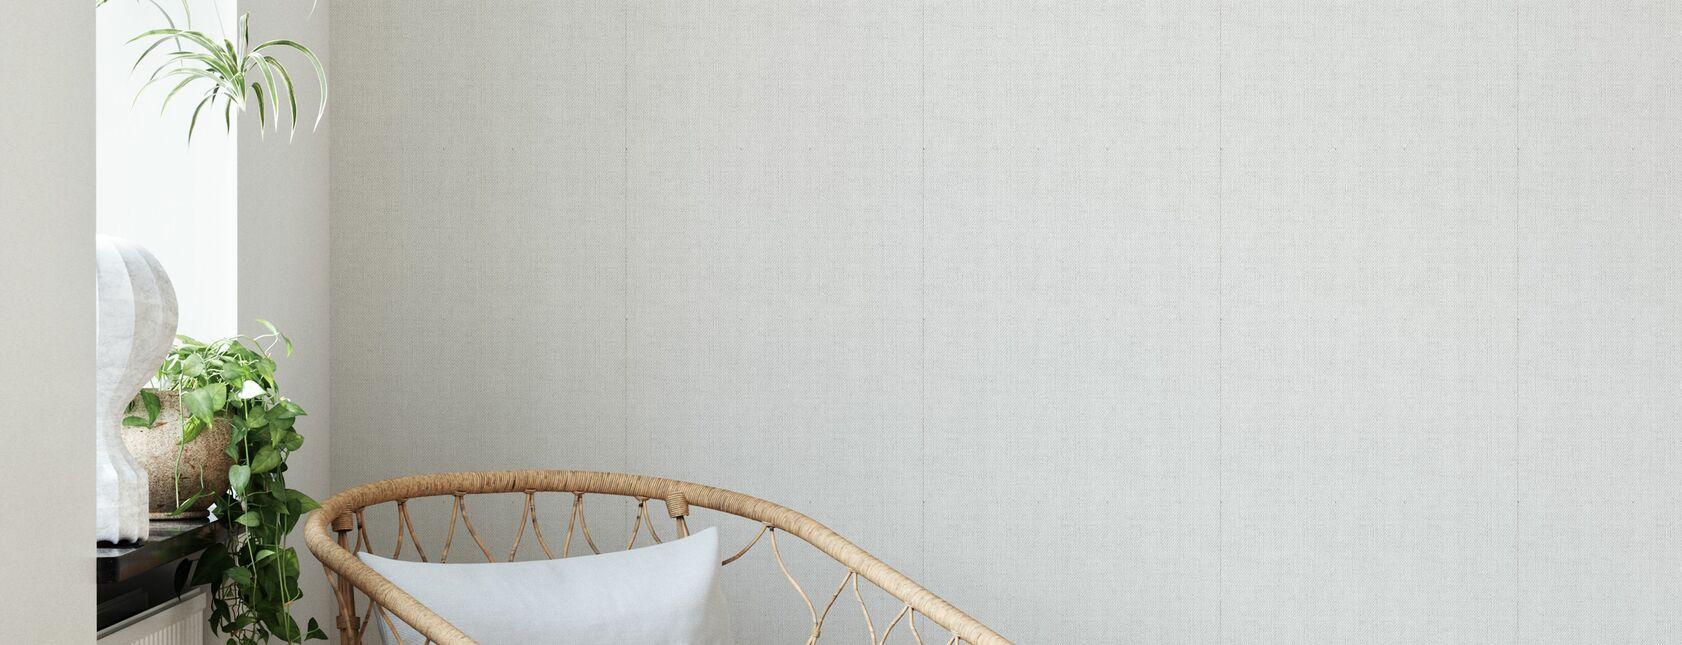 Leinen Weiß - Tapete - Wohnzimmer